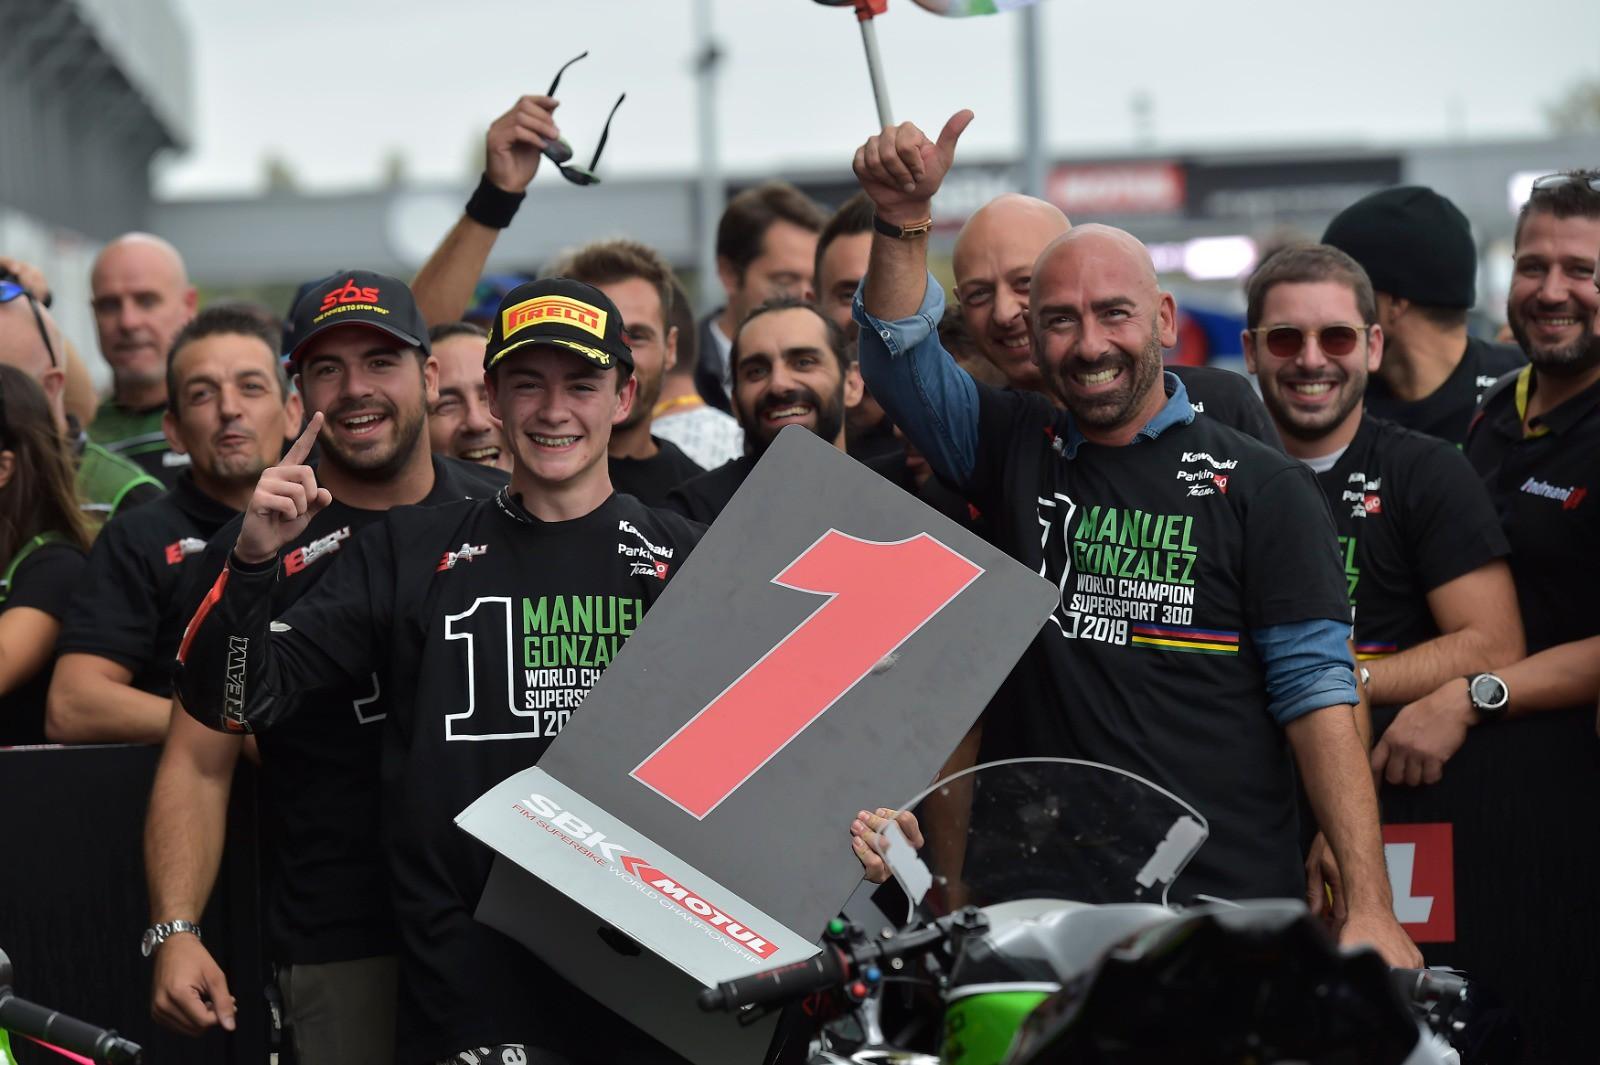 WSSP 300 a Magny Cours: Manuel Gonzalez è il più giovane Campione del mondo nella storia con il team italiano ParkinGO